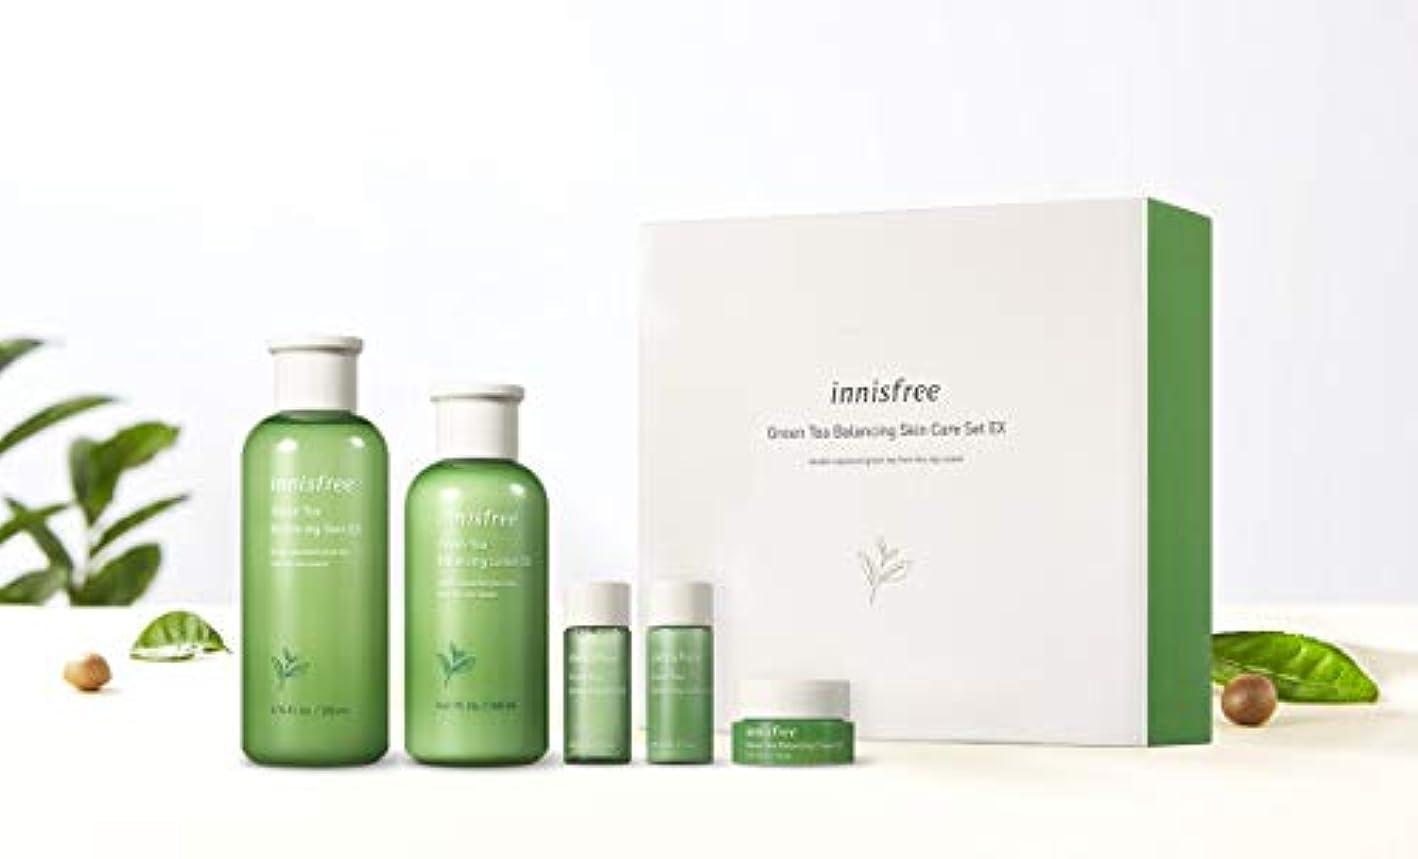 オークランド詐欺ジュニアイニスフリーグリーンティーバランシングスキンケアセットの水分ケア韓国コスメ、innisfree Green Tea Balancing Skin Care Set Korean Cosmetics [並行輸入品]